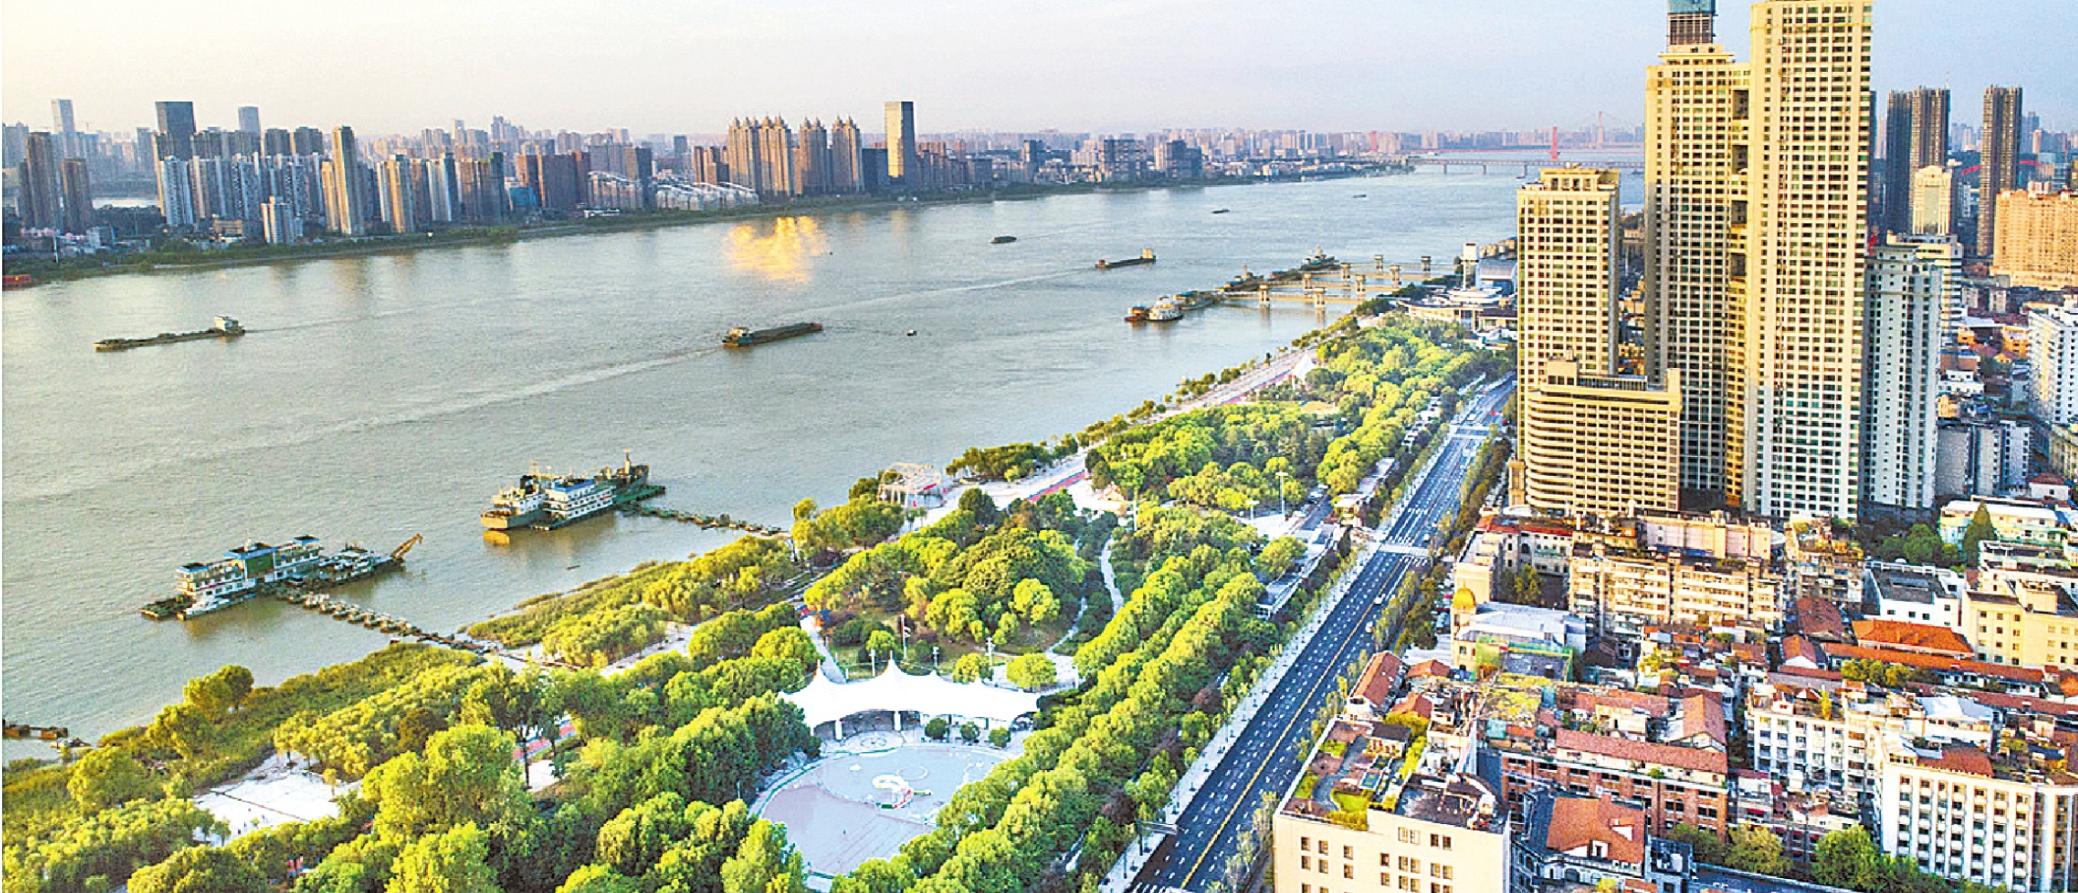 绿水青山,三城共抓长江大保护,长江中游城市